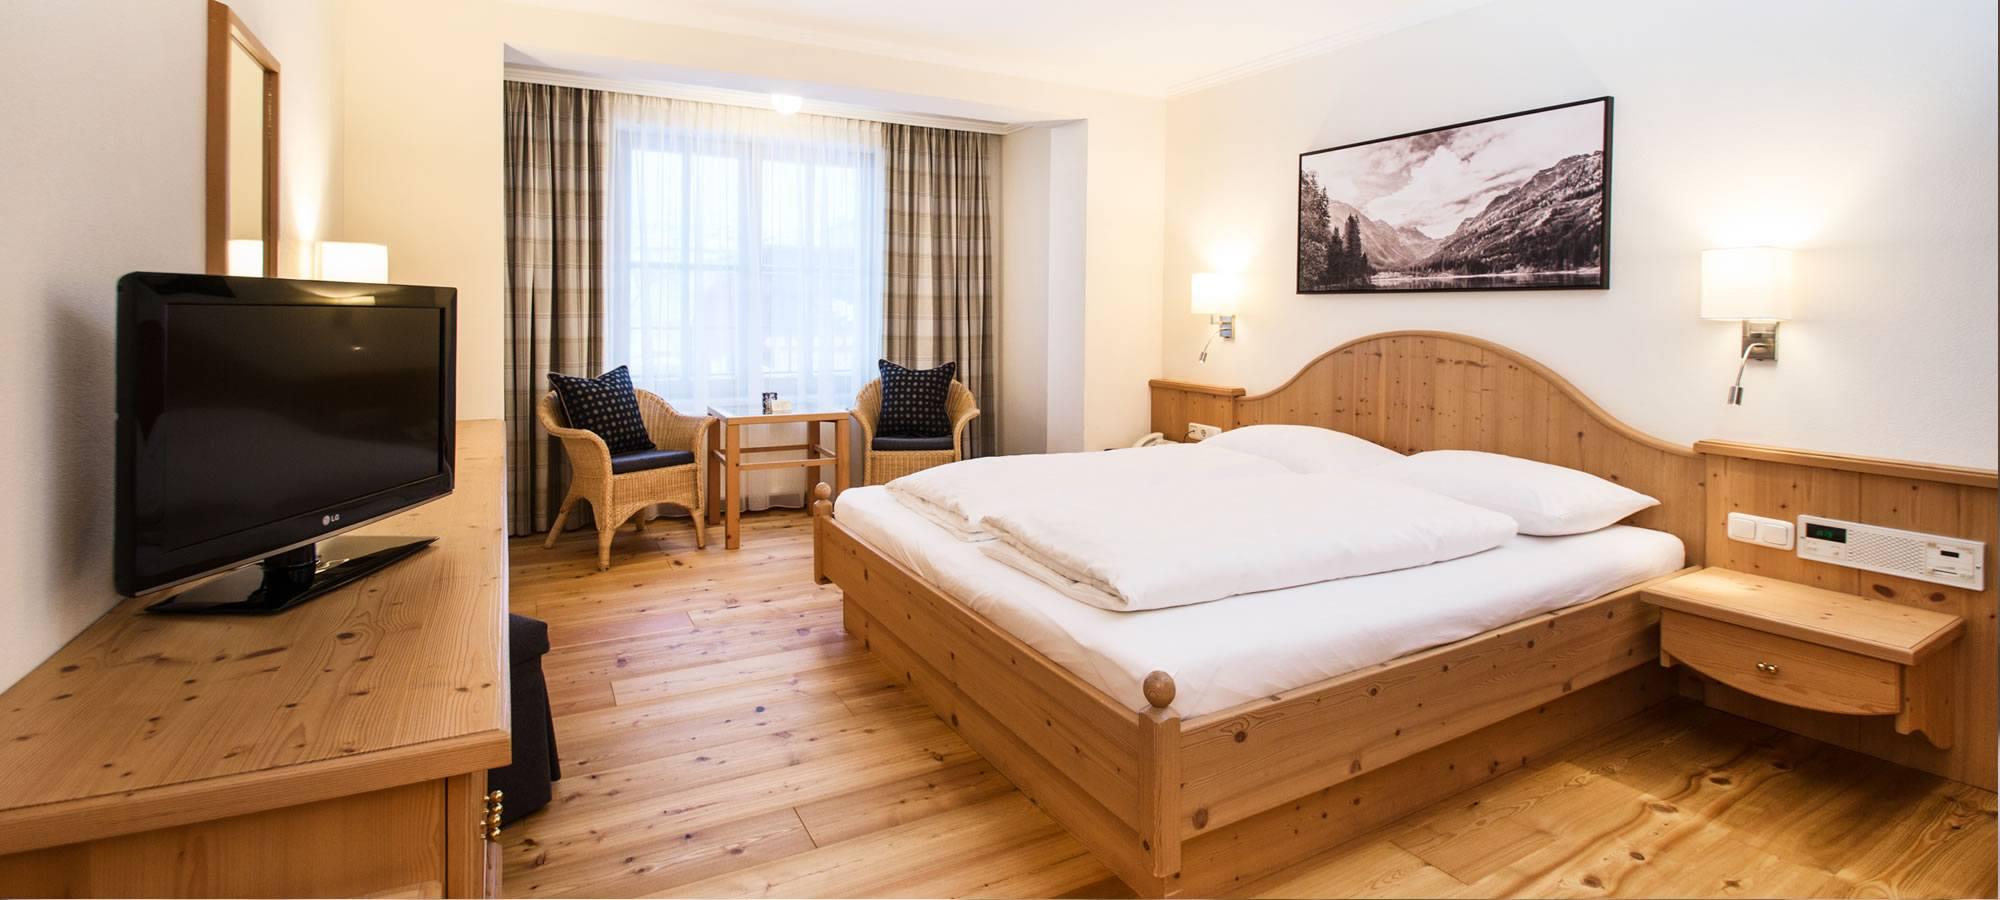 zimmer preise hotel zirbenhof kleinarl. Black Bedroom Furniture Sets. Home Design Ideas